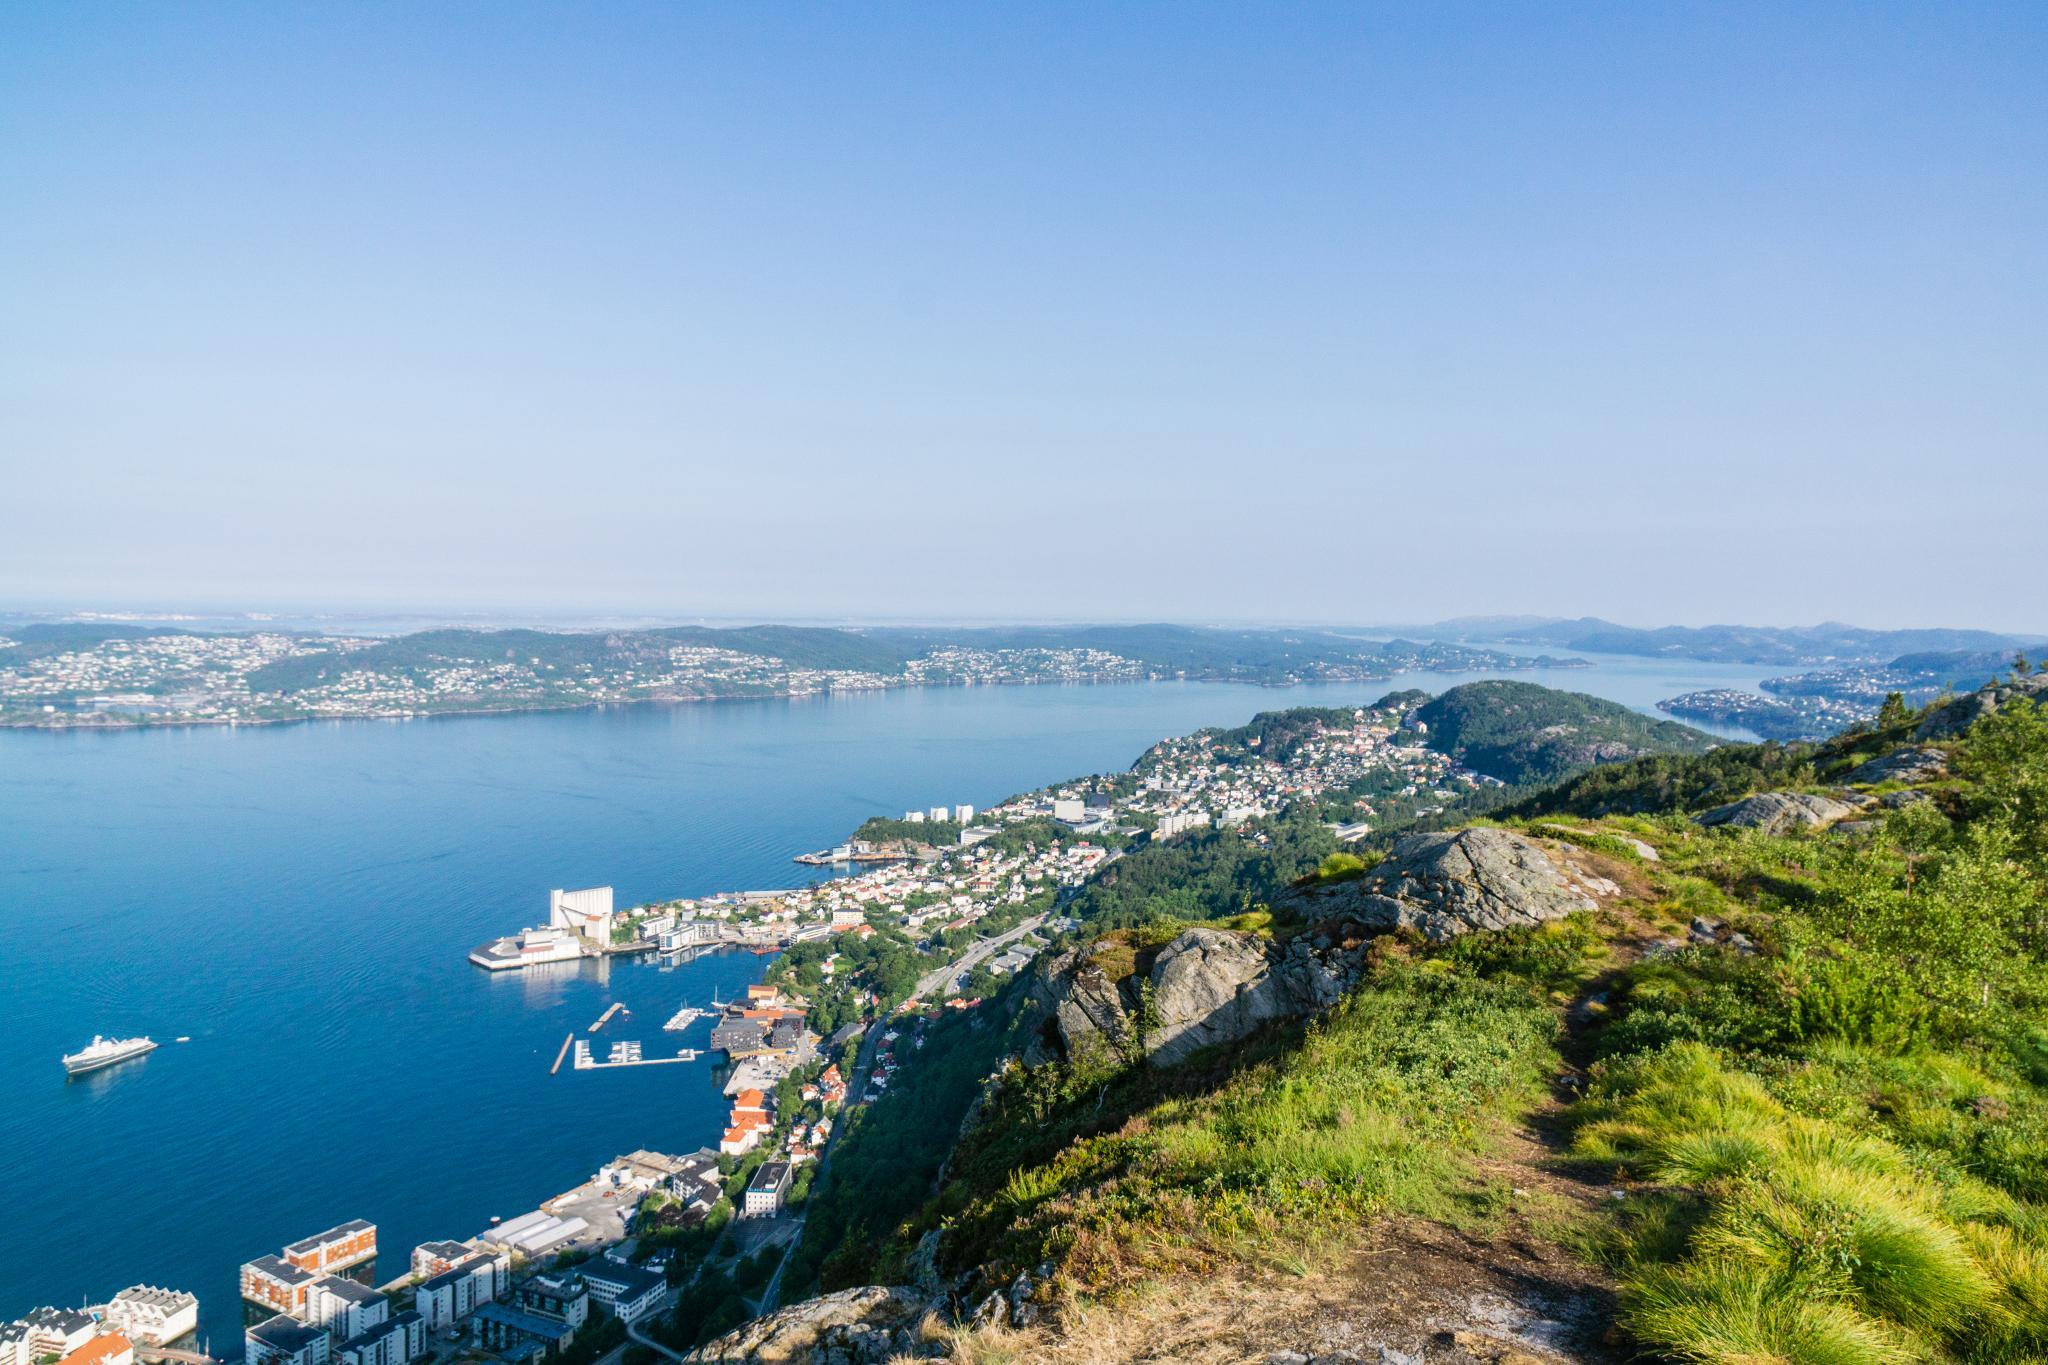 【卑爾根】超級震撼的隱藏版挪威景點 — Stoltzekleiven桑德維克斯石梯與Fløyen佛洛伊恩觀景台大縱走 14